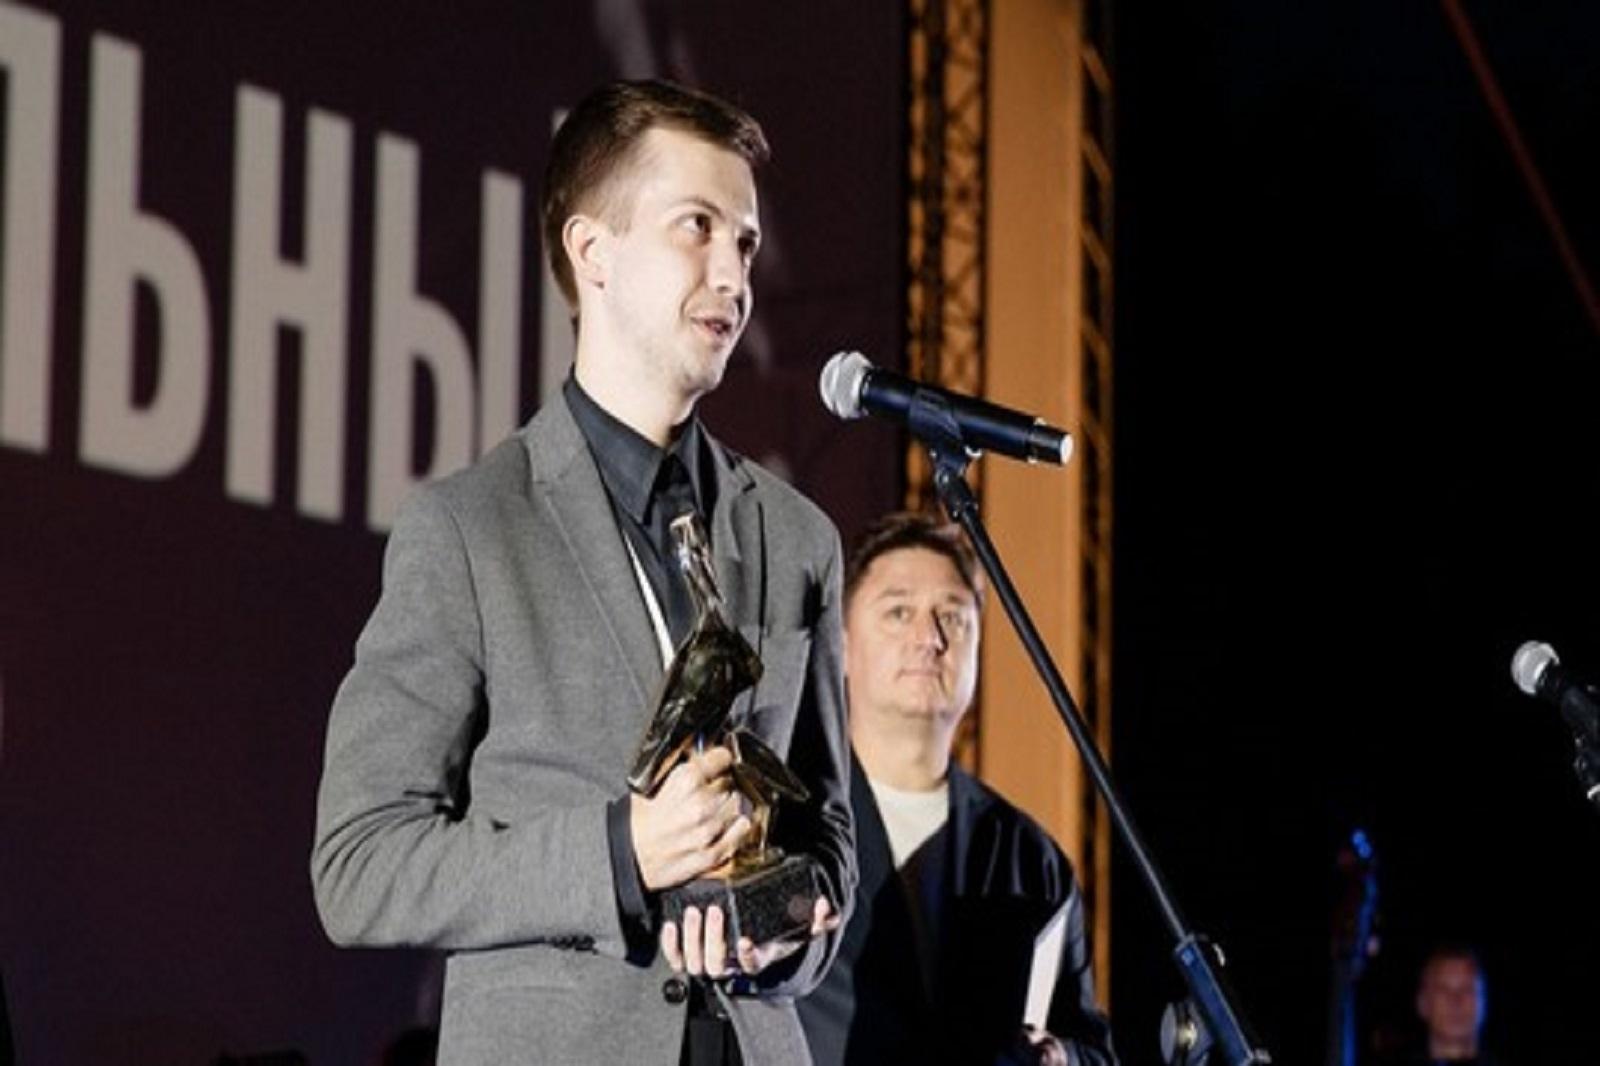 乌拉尔联邦大学学生在电影节上获得特别奖插图-小狮座俄罗斯留学